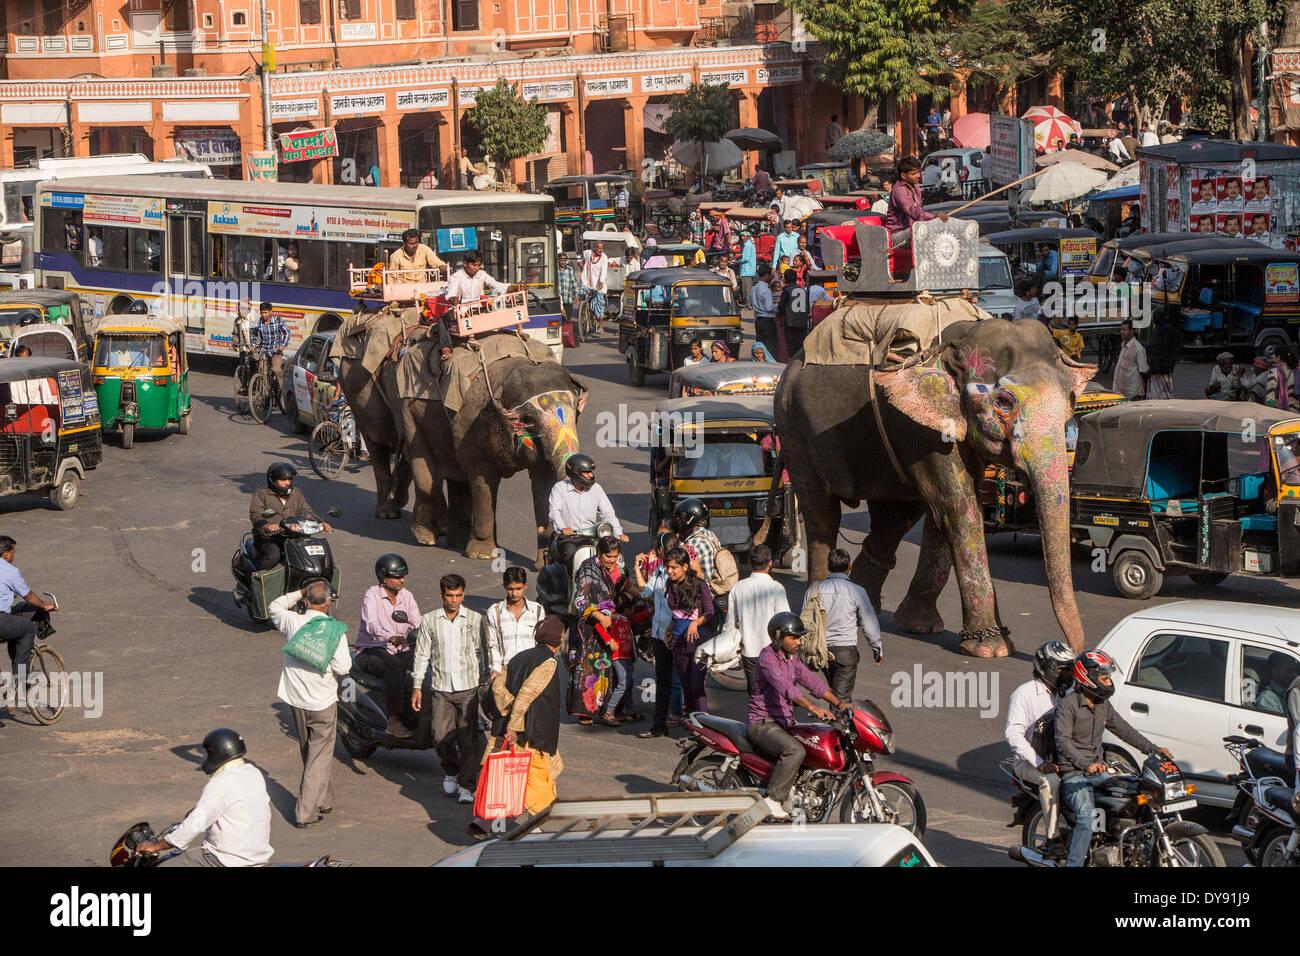 Traffico, Jaipur, Rajasthan, India, Asia, India, traffico, trasporti, elefante, automobili, autoveicoli, motocicli, motociclette, Immagini Stock